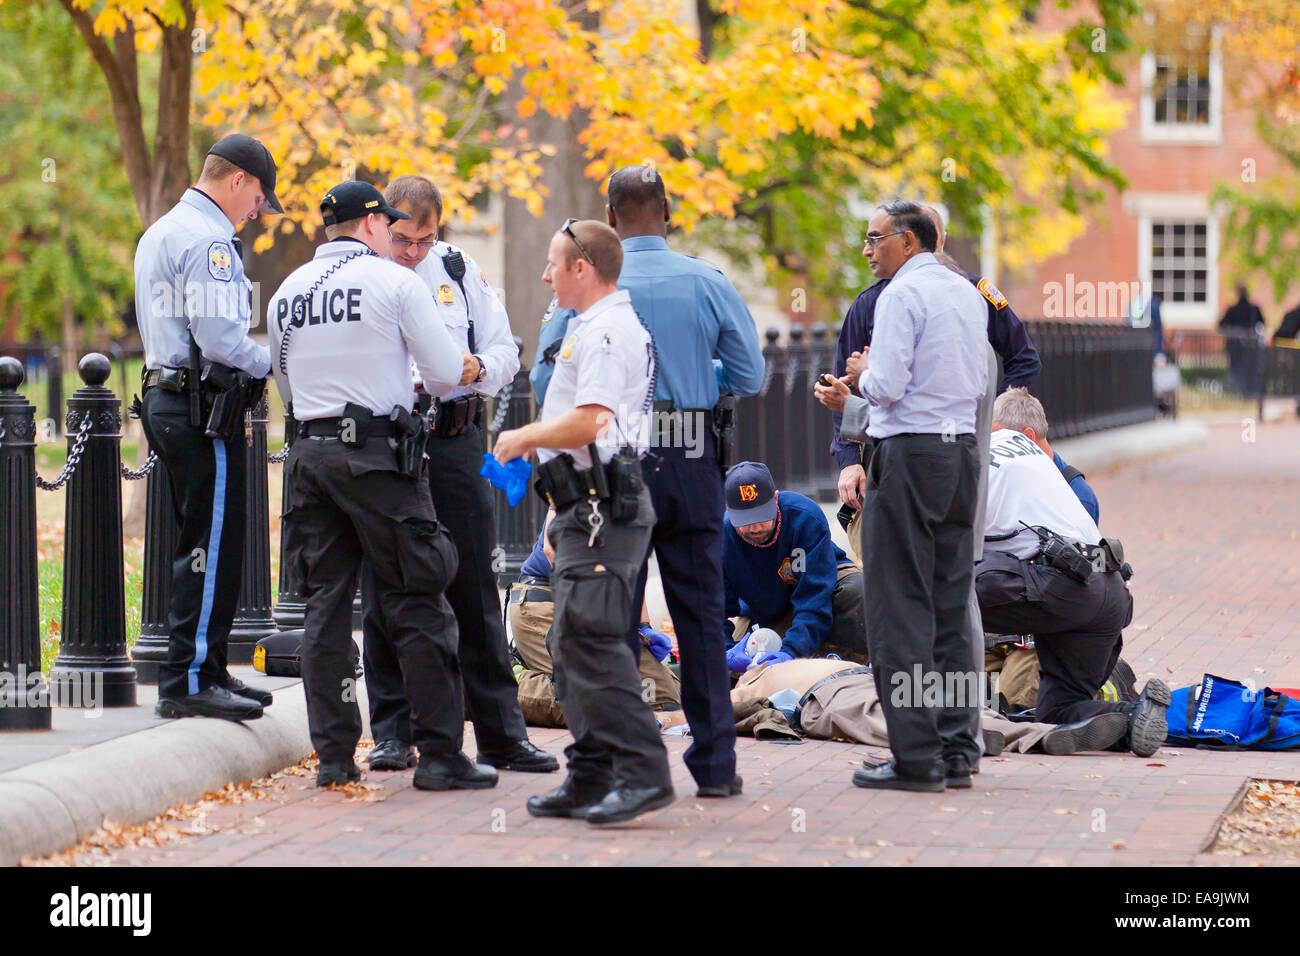 Police and EMS helping crime victim lying on ground - Washington, DC USA - Stock Image